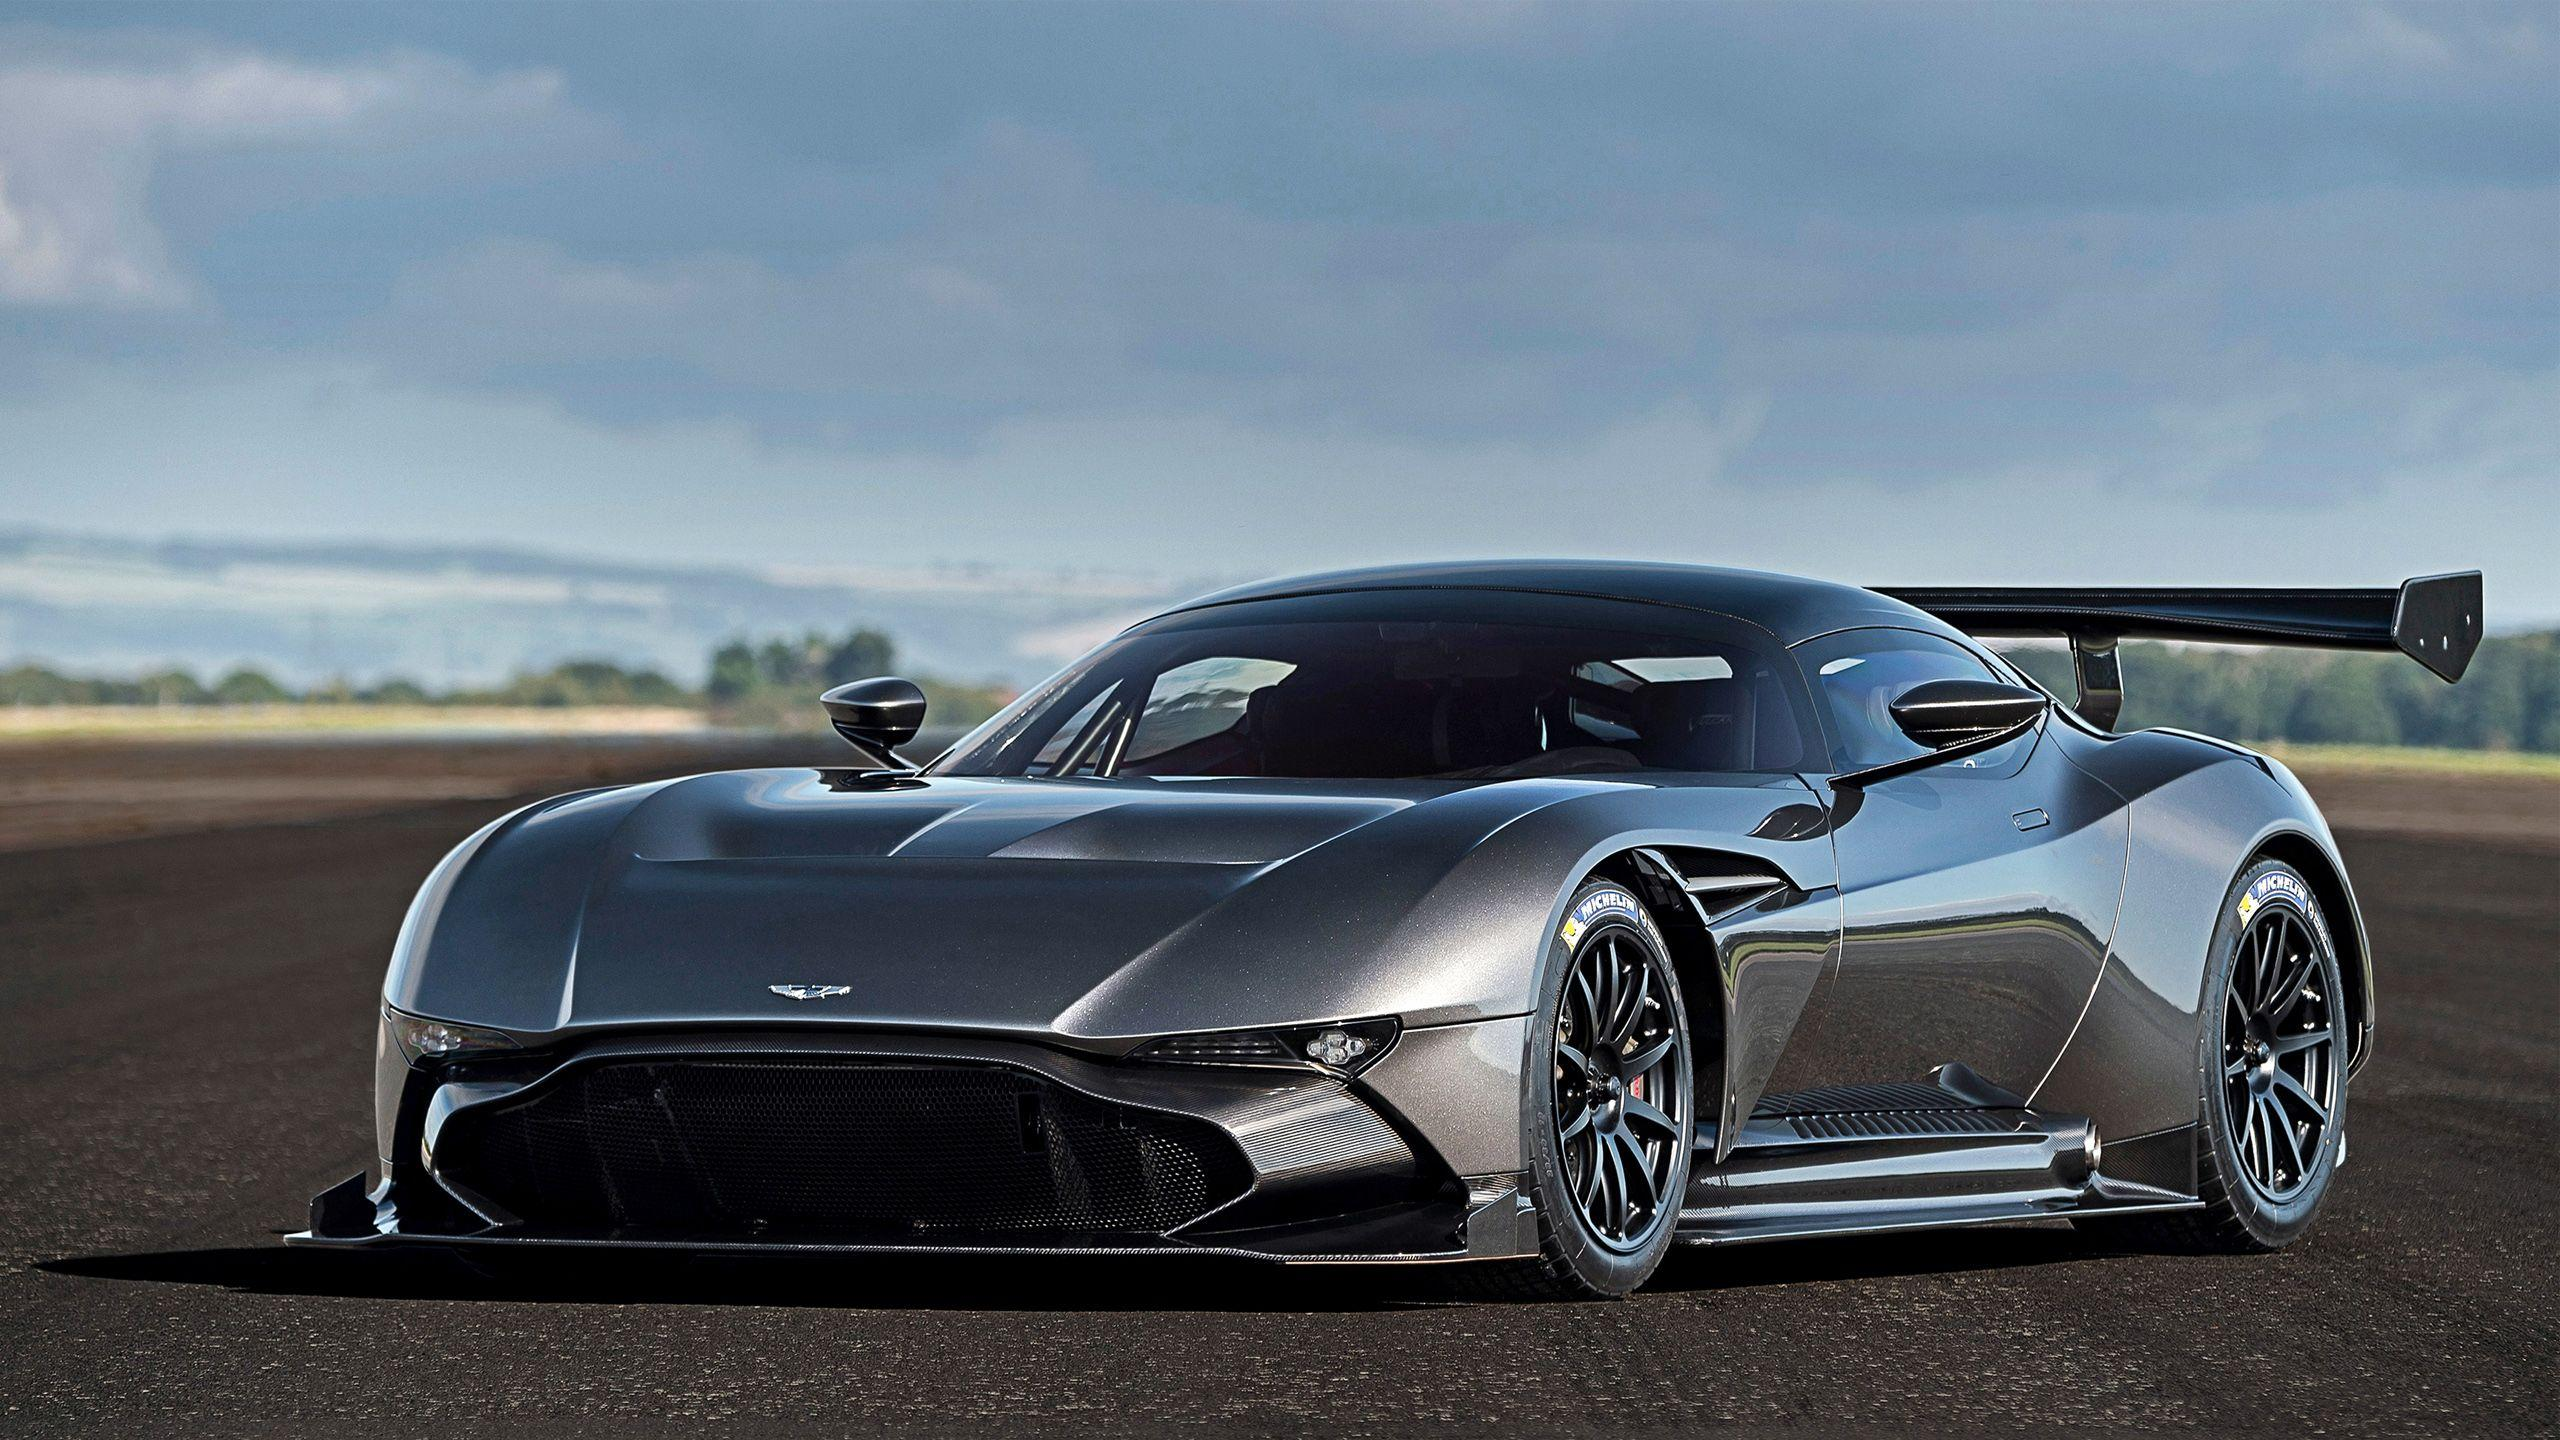 Aston Martin Vulcan Wallpapers Wallpaper Cave